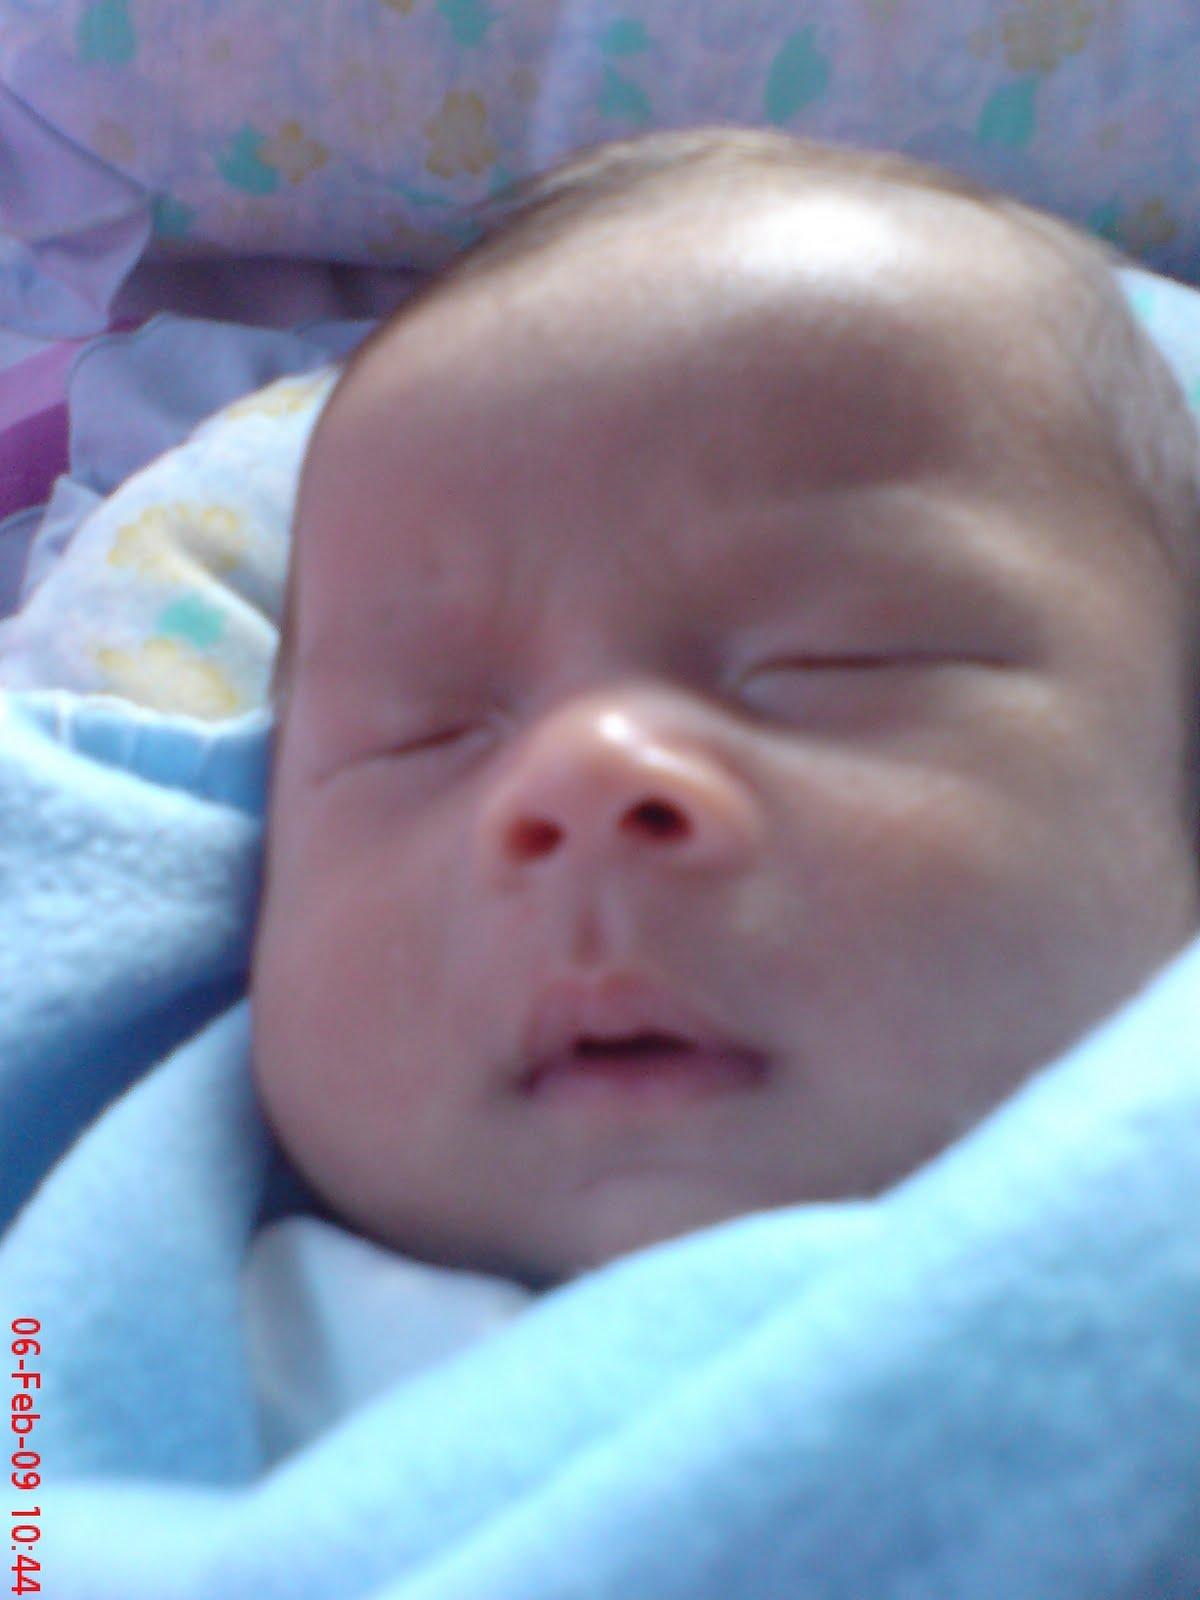 Anas - 1 month (3.5 kg)